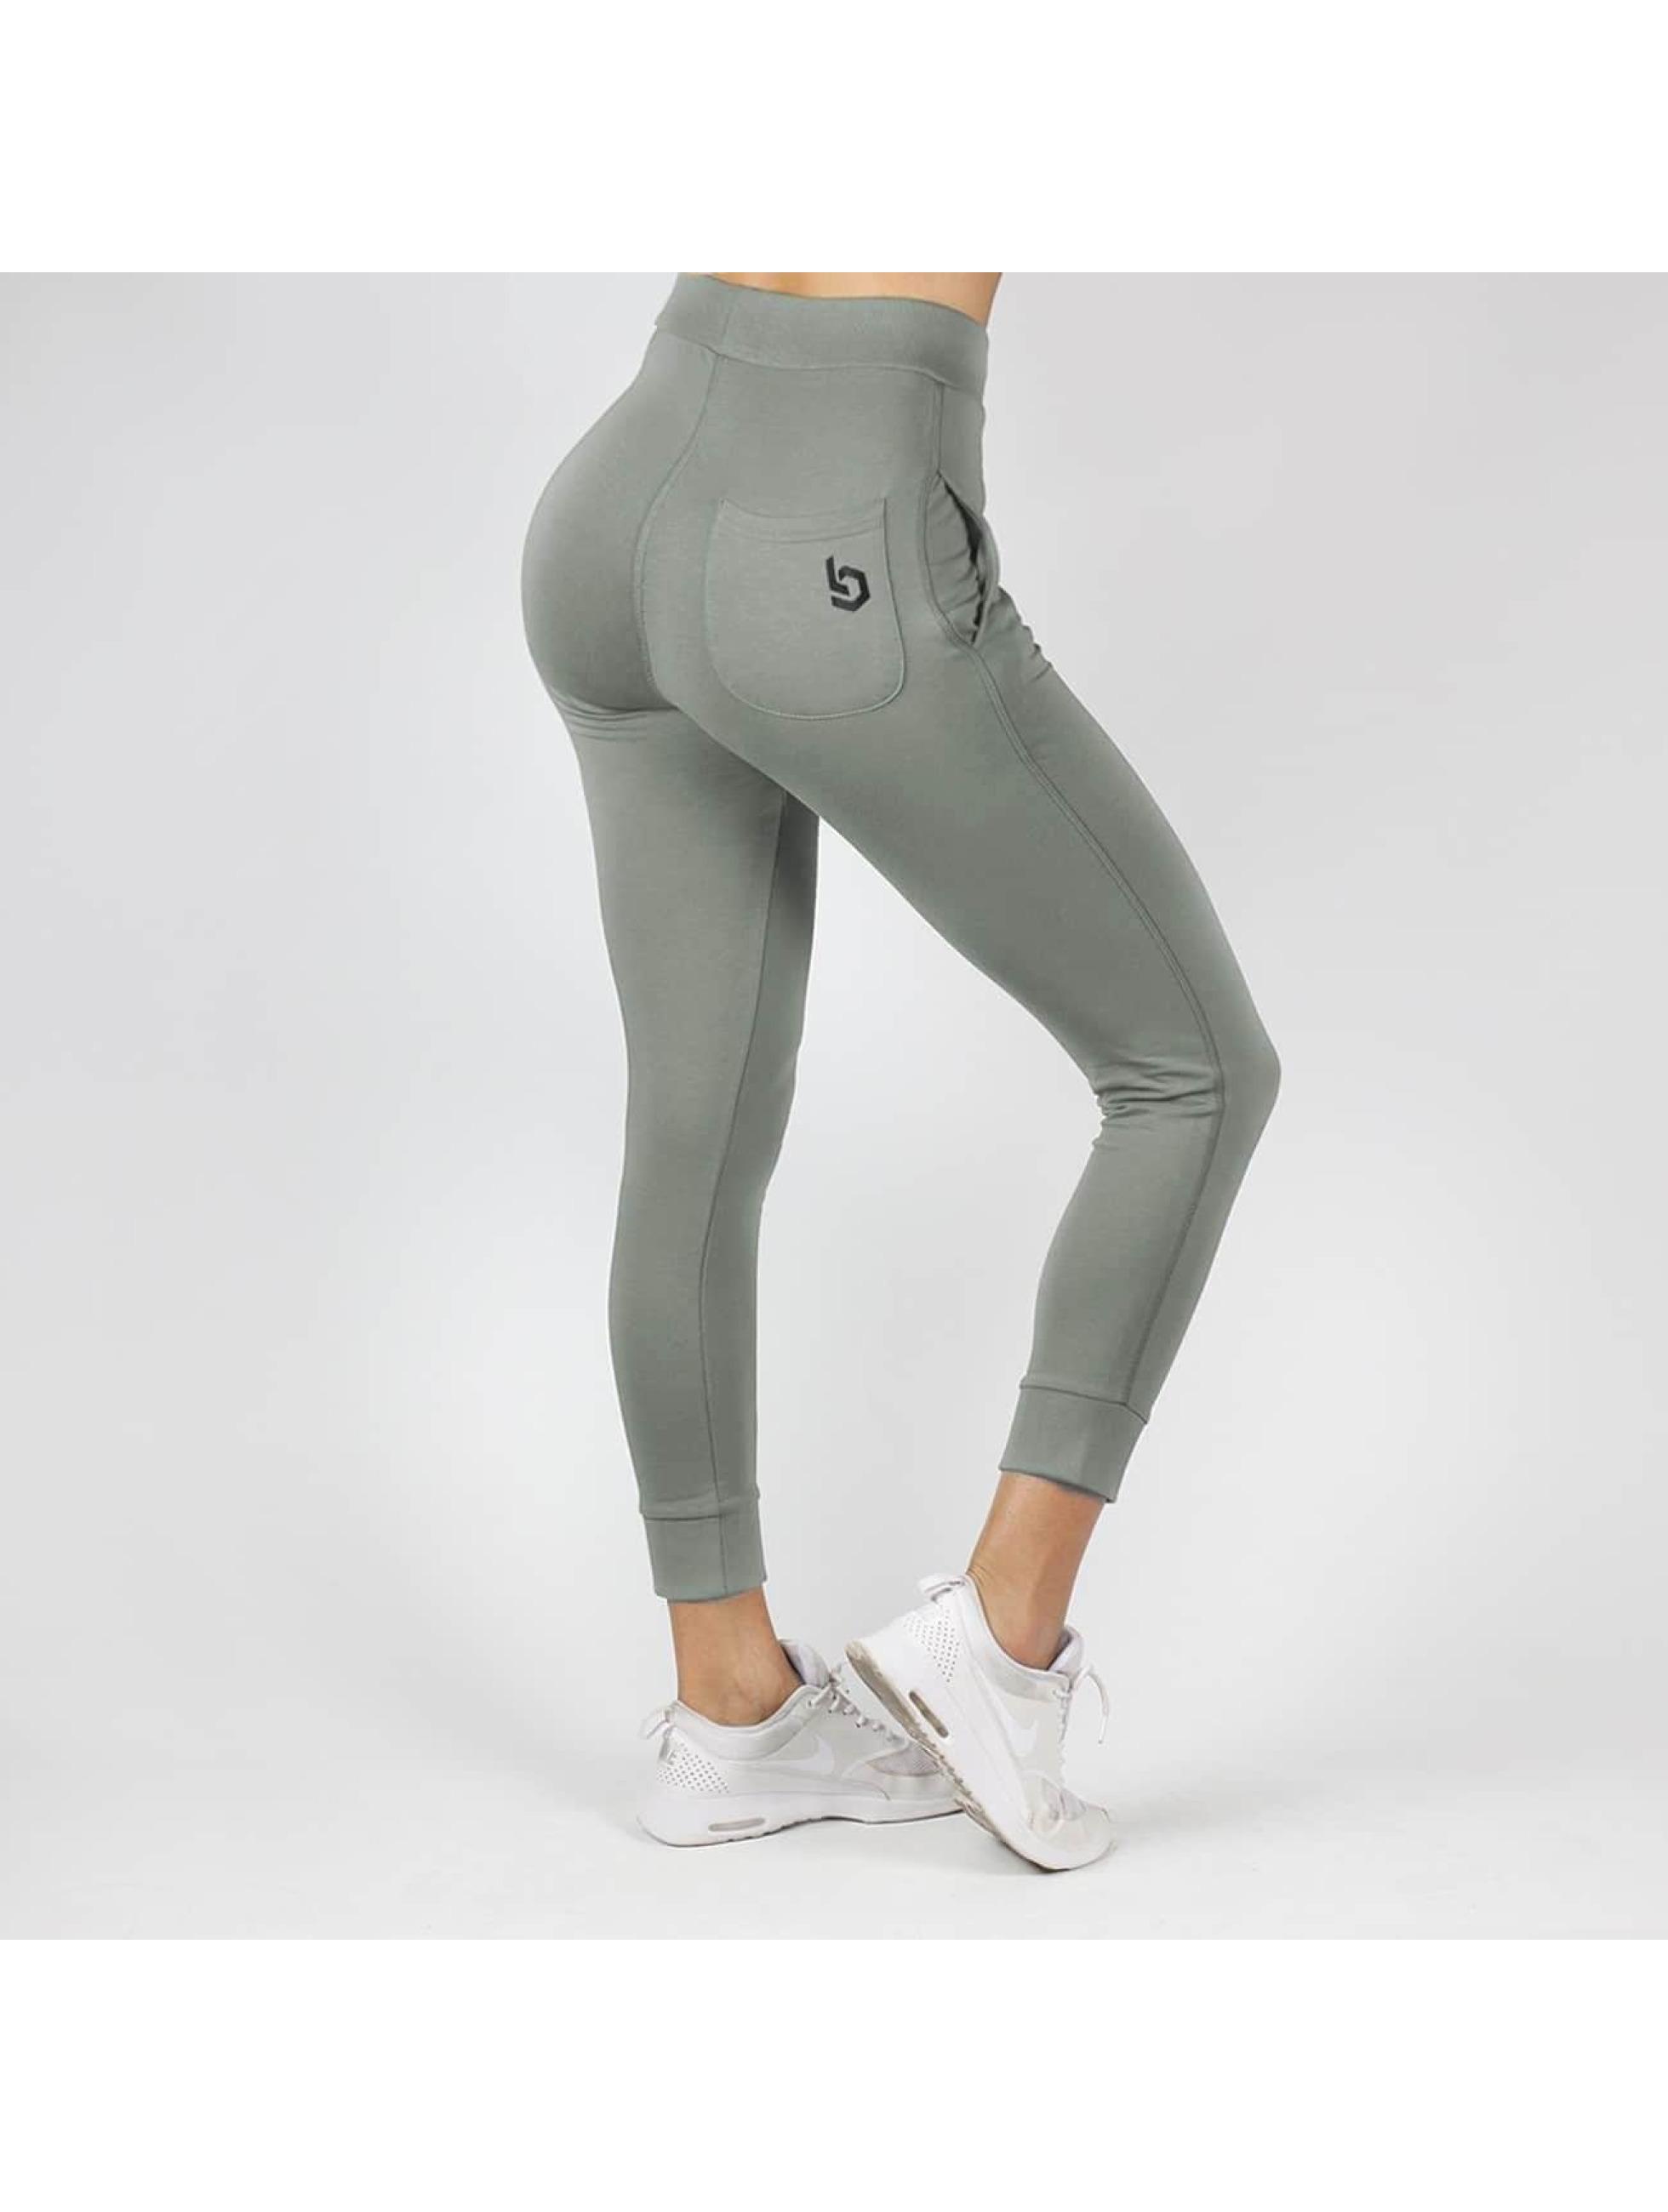 Beyond Limits Pantalón deportivo Motion gris